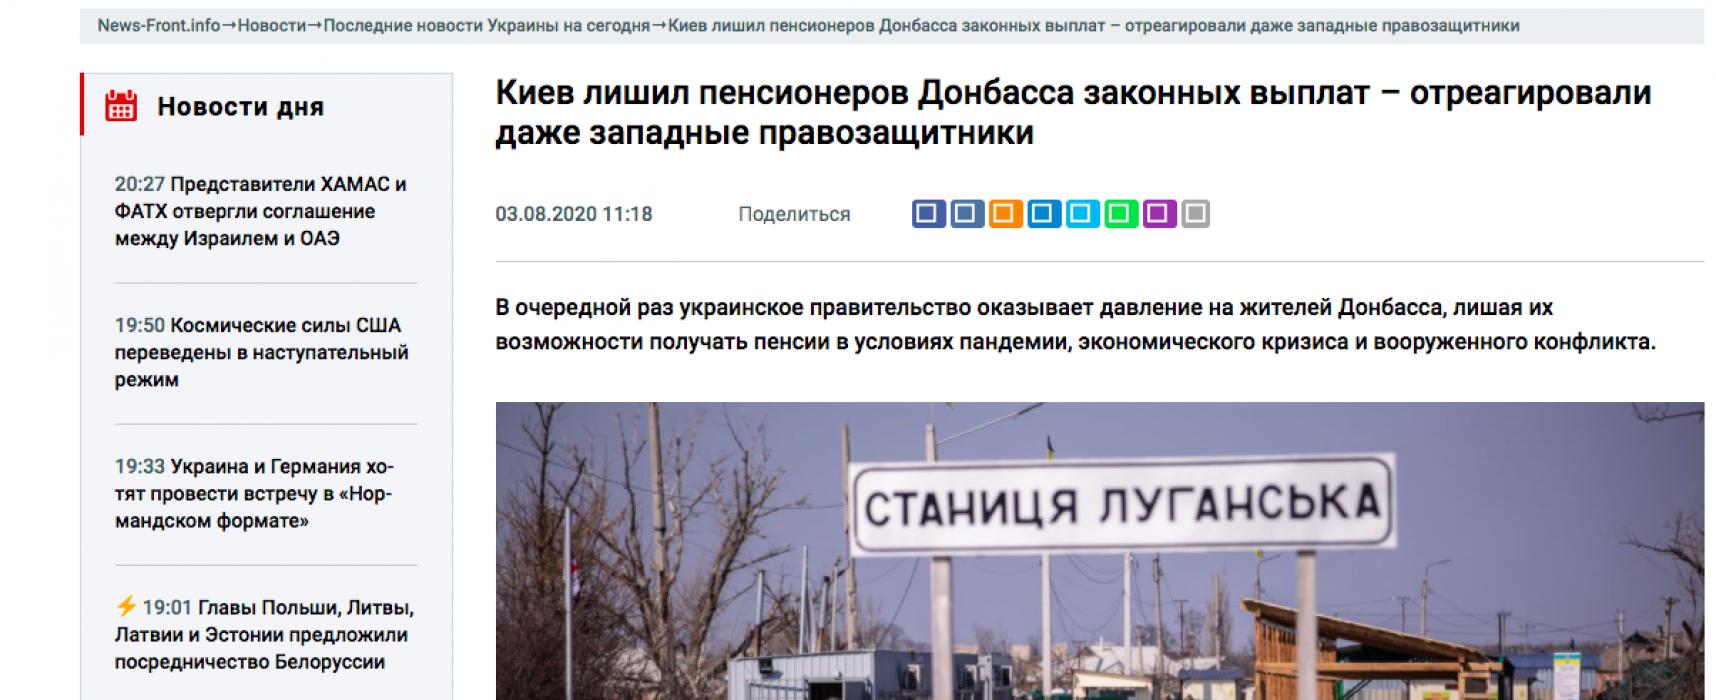 Манипуляция: Киев лишил пенсионеров Донбасса законных выплат– отреагировали даже западные правозащитники